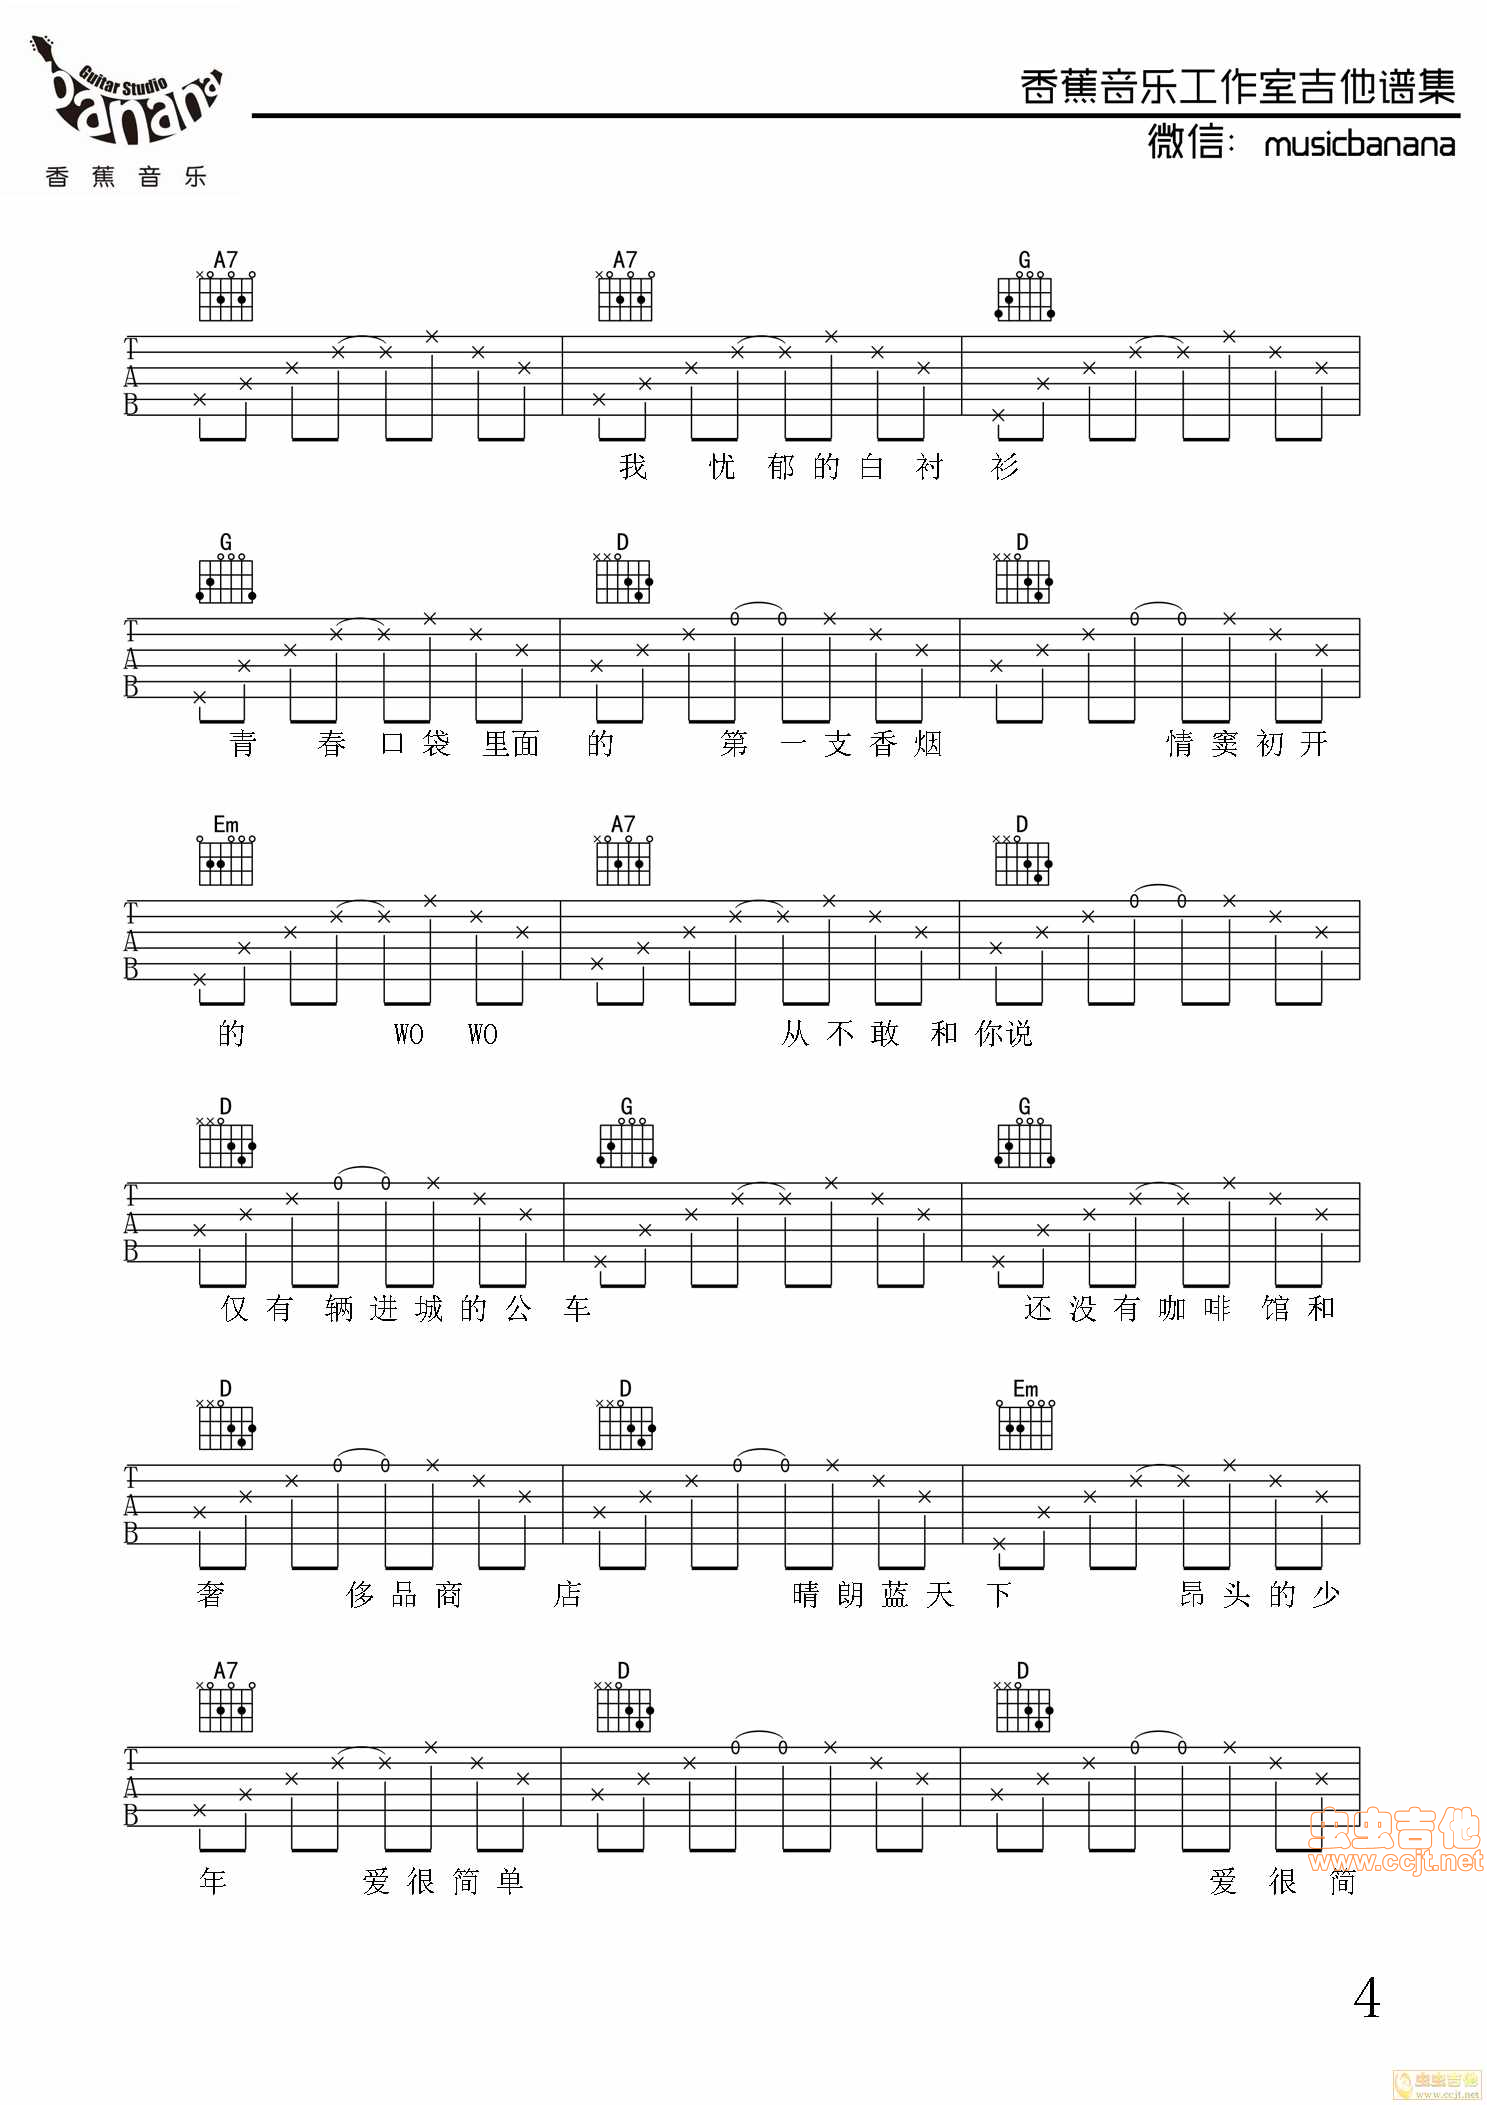 少年锦时好声音版本吉他谱赵雷彼岸吉他